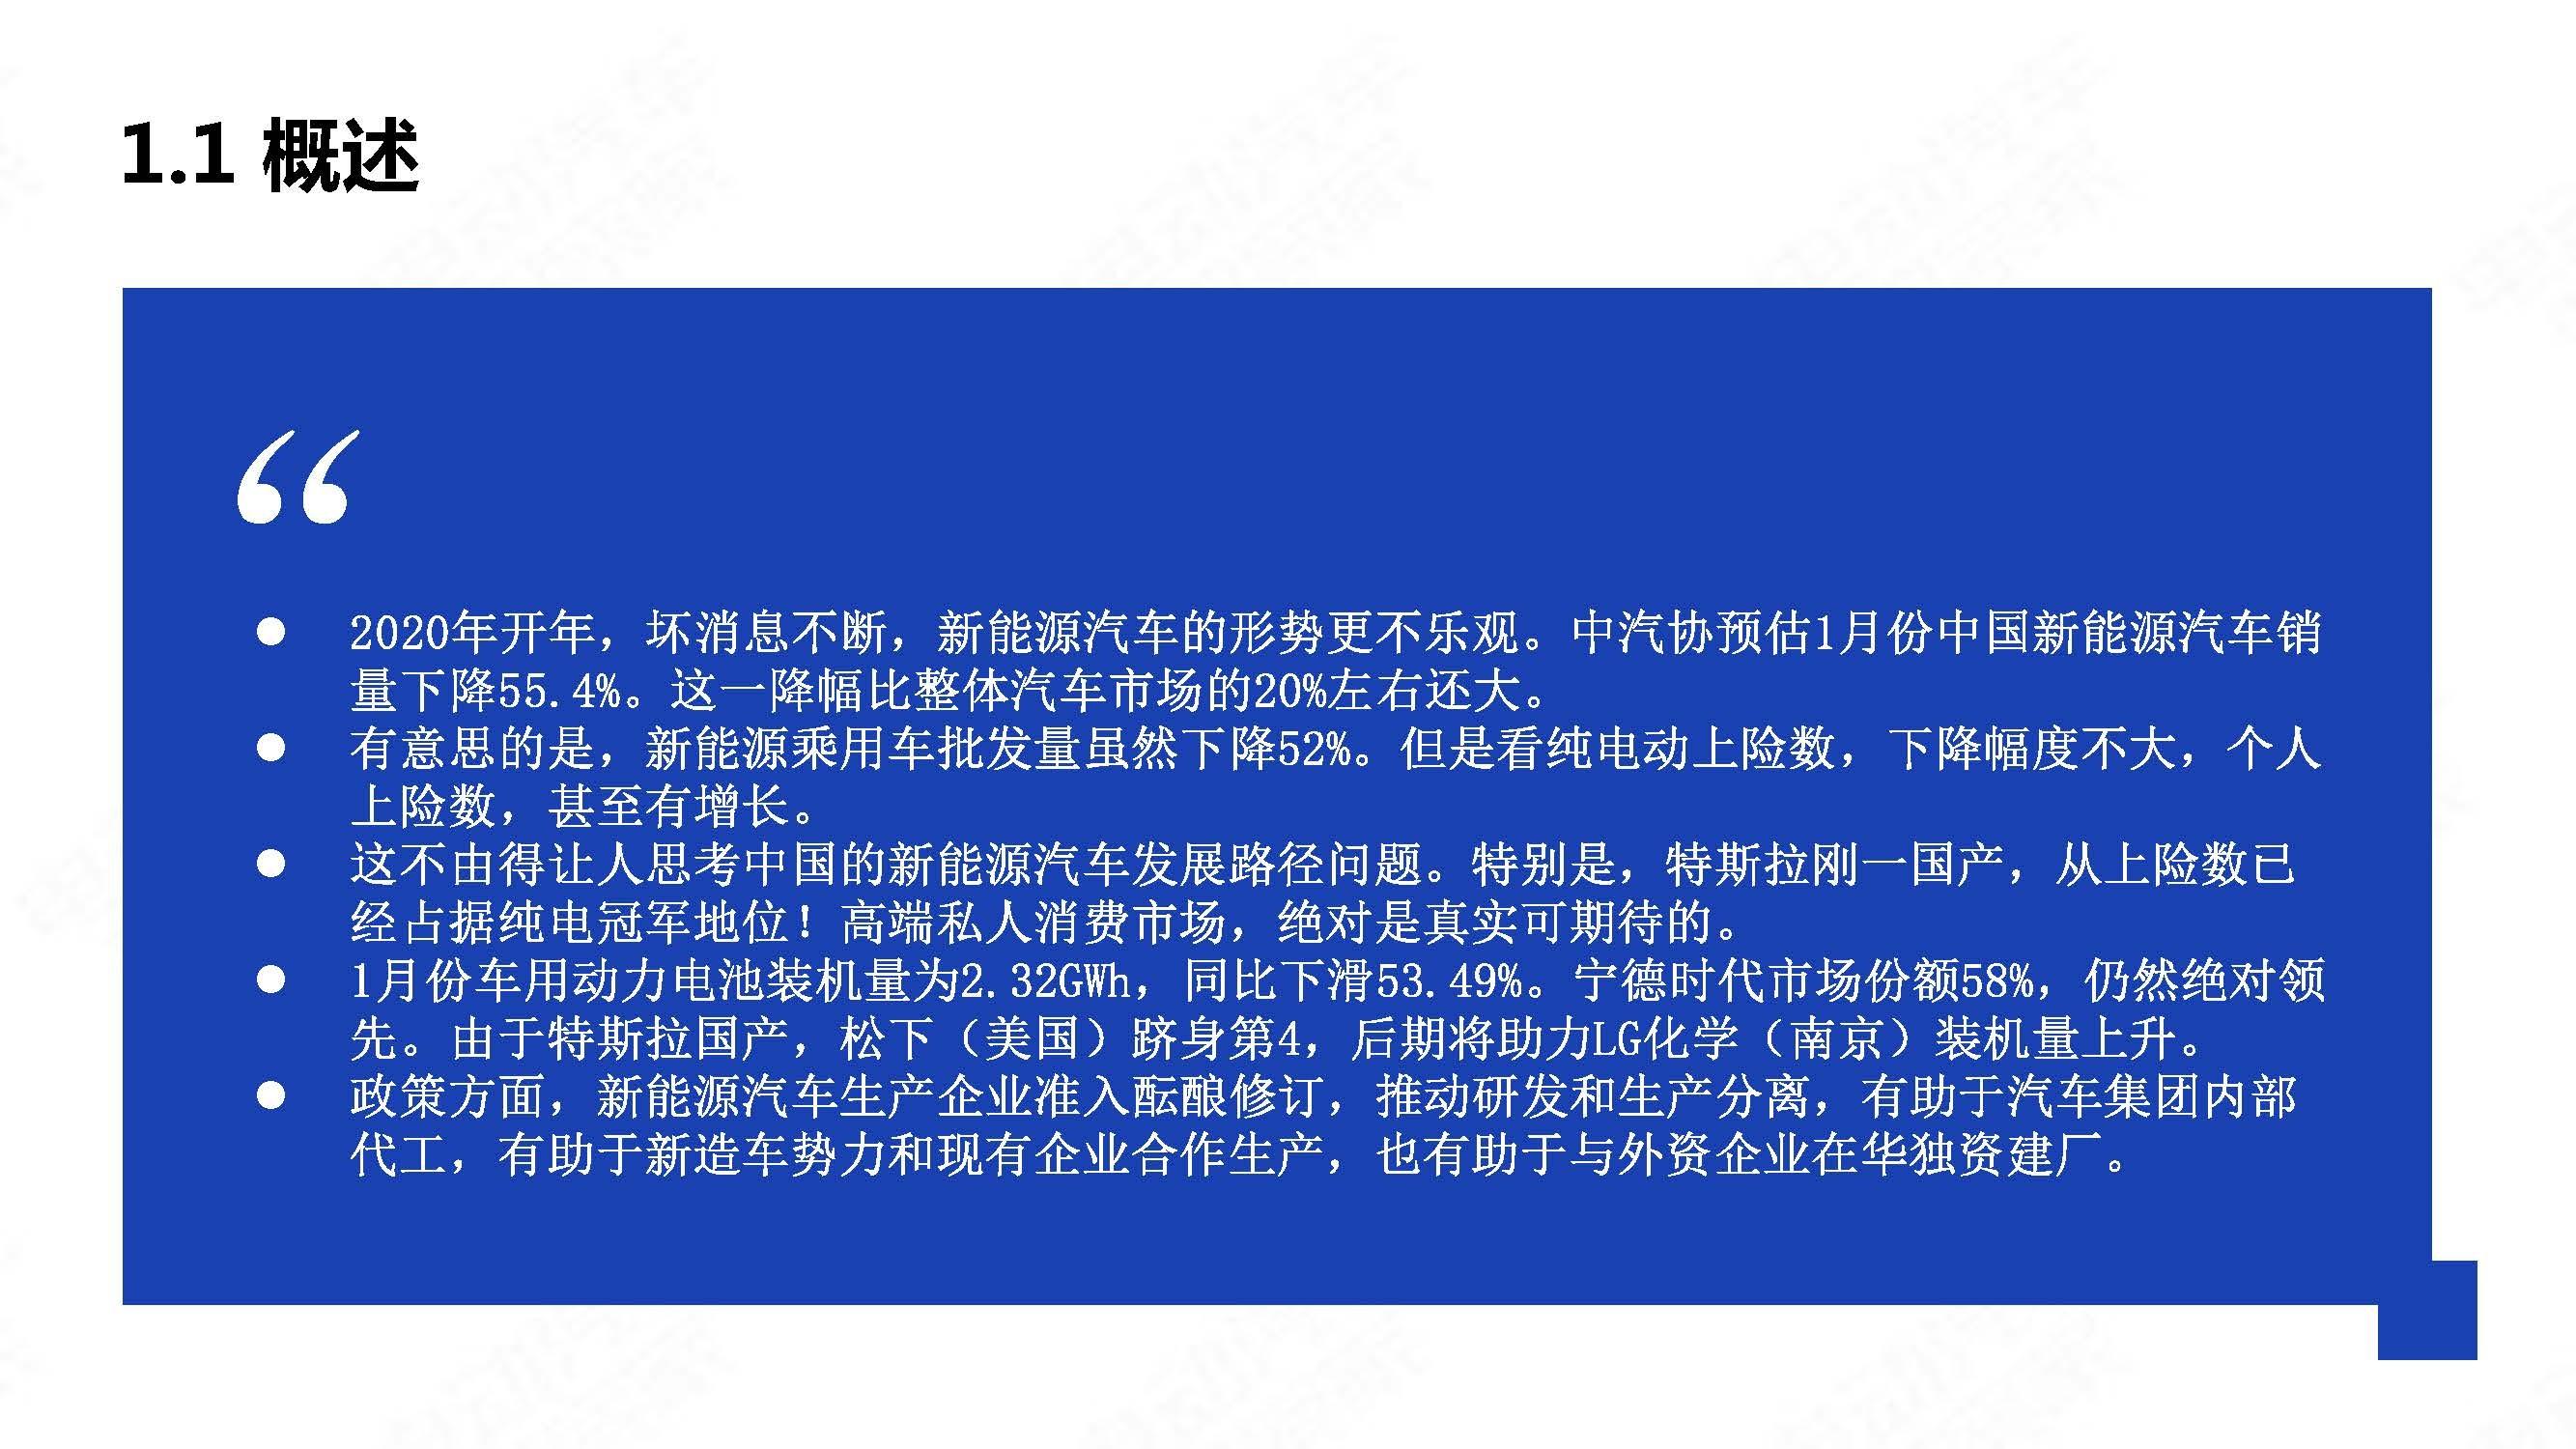 中国新能源汽车产业观察202001简略版_页面_04